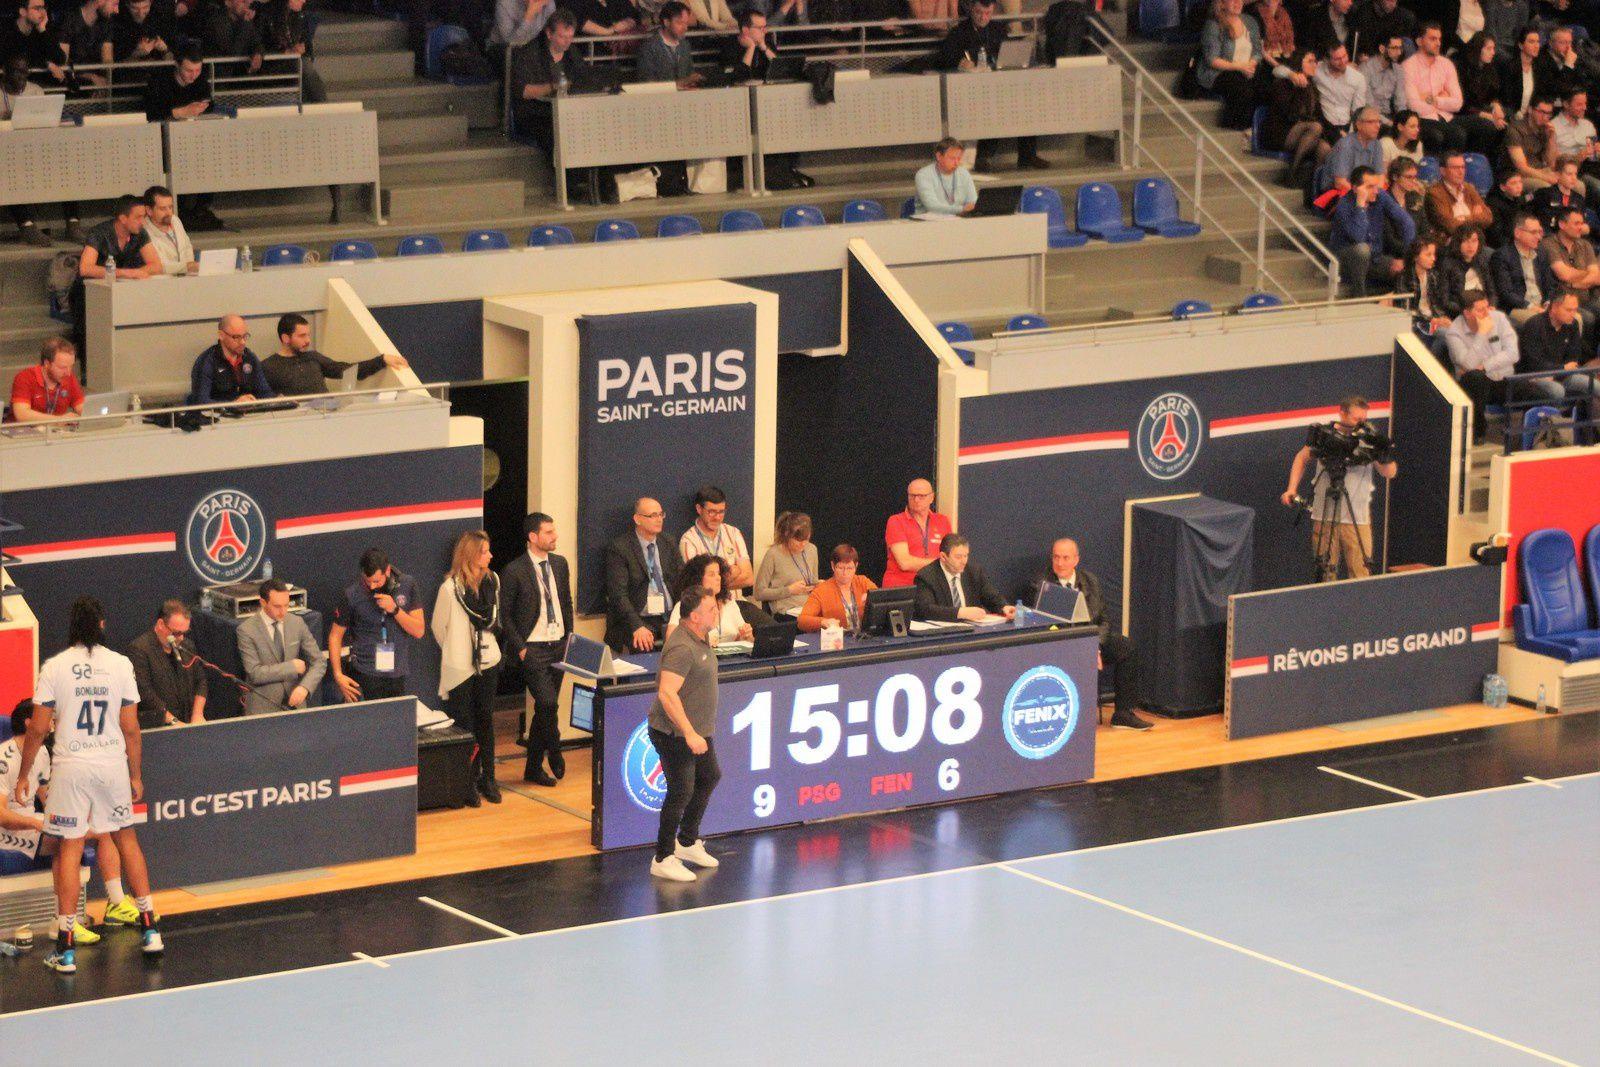 PSG vs FENIX TOULOUSE (LSL LNH) 29.03.2017